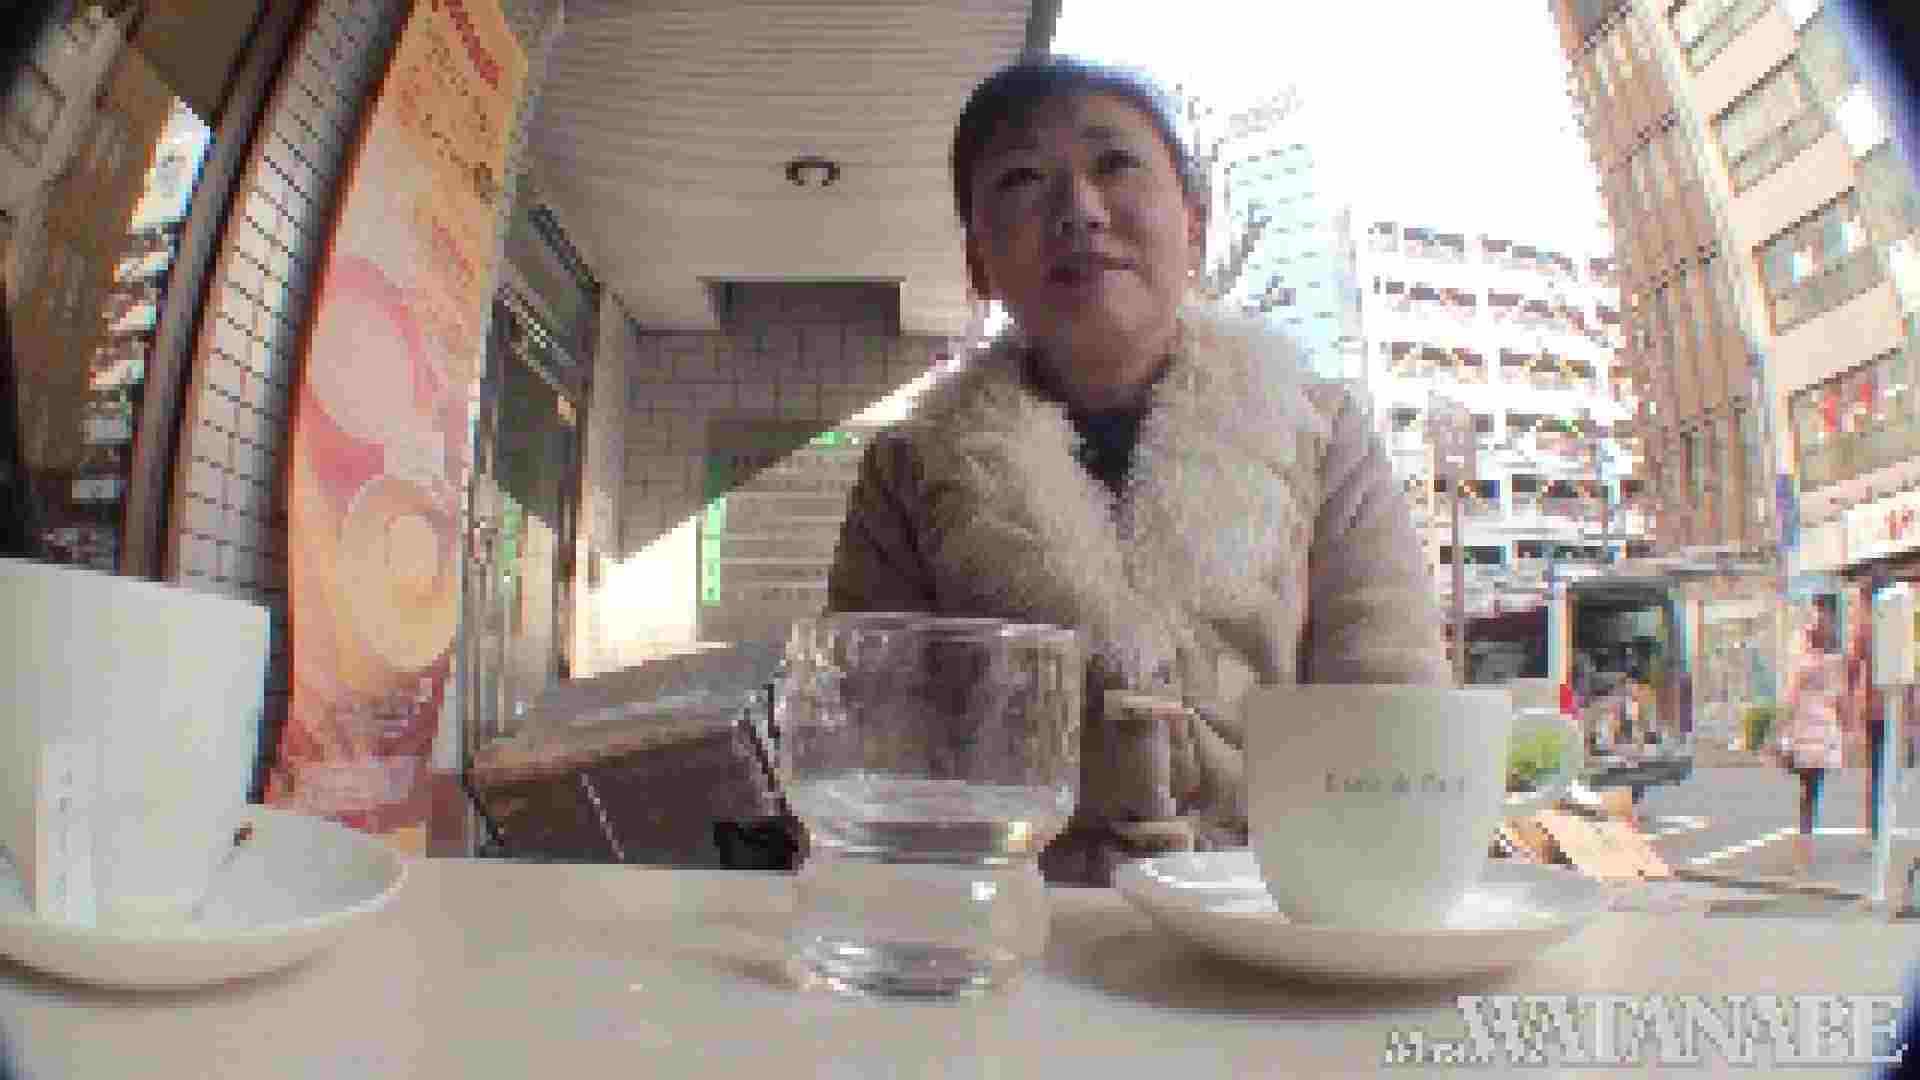 撮影スタッフを誘惑する痴熟女 かおり40歳 Vol.01 素人 | HなOL  67pic 32